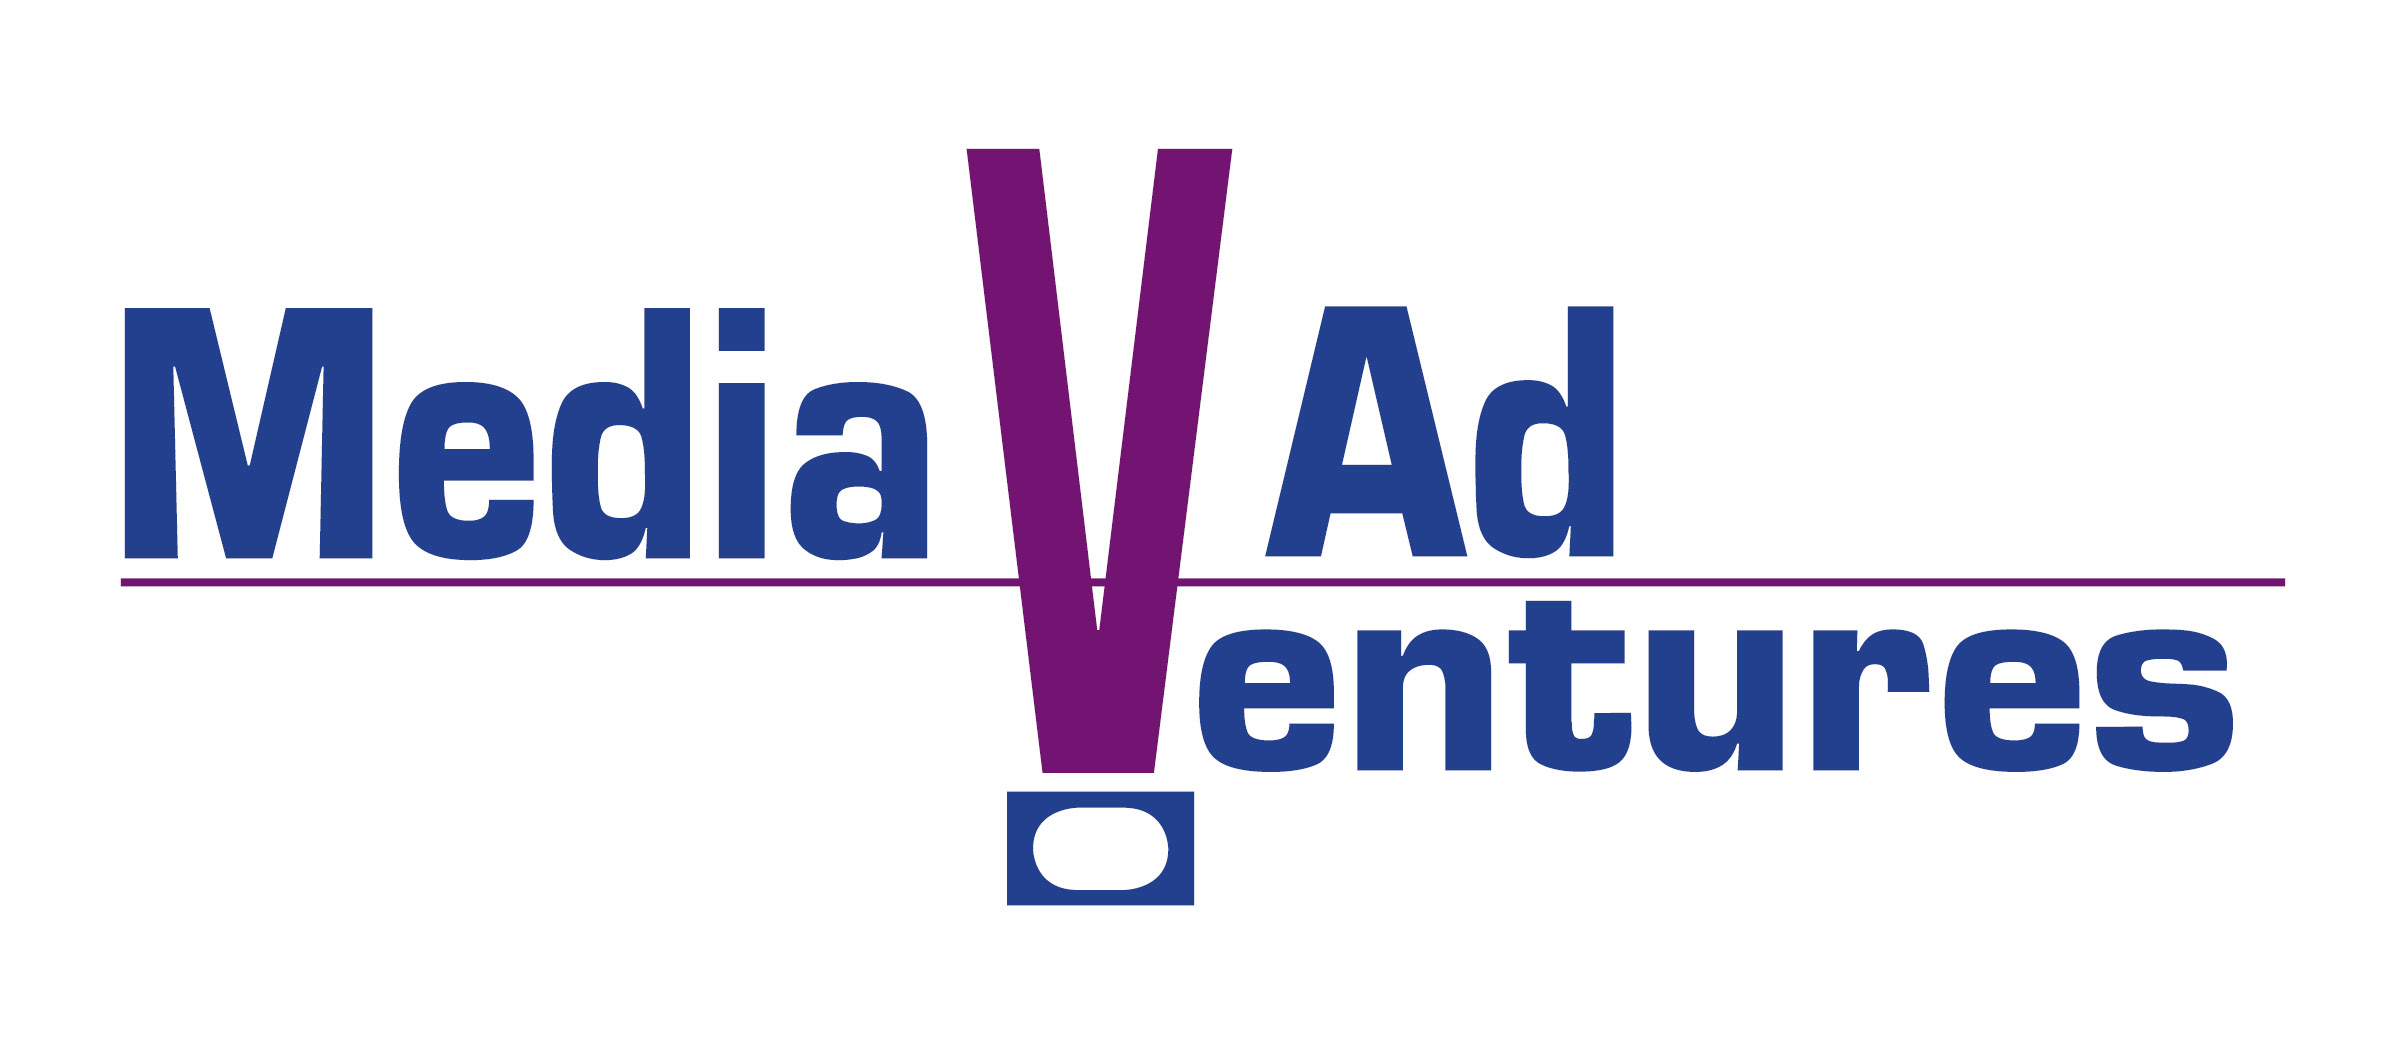 Media Ad Ventures